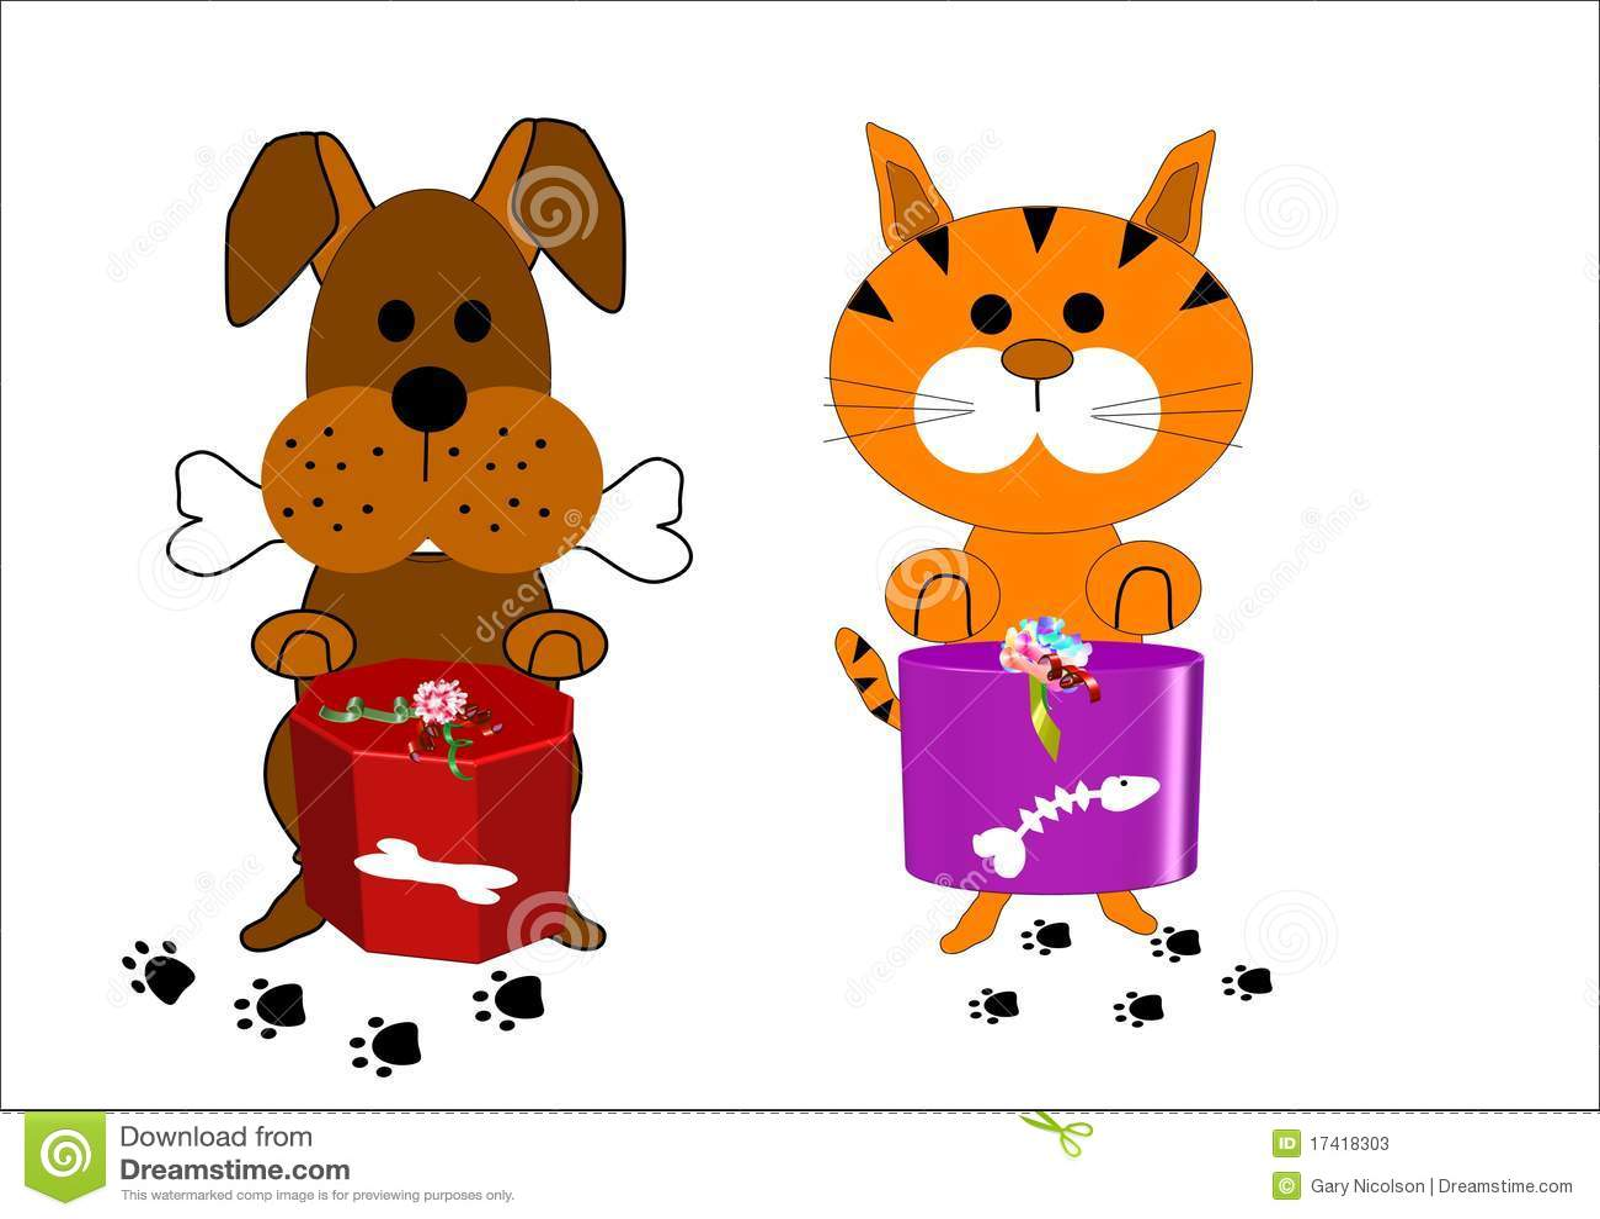 Personajes de dibujos animados del perro y del gato